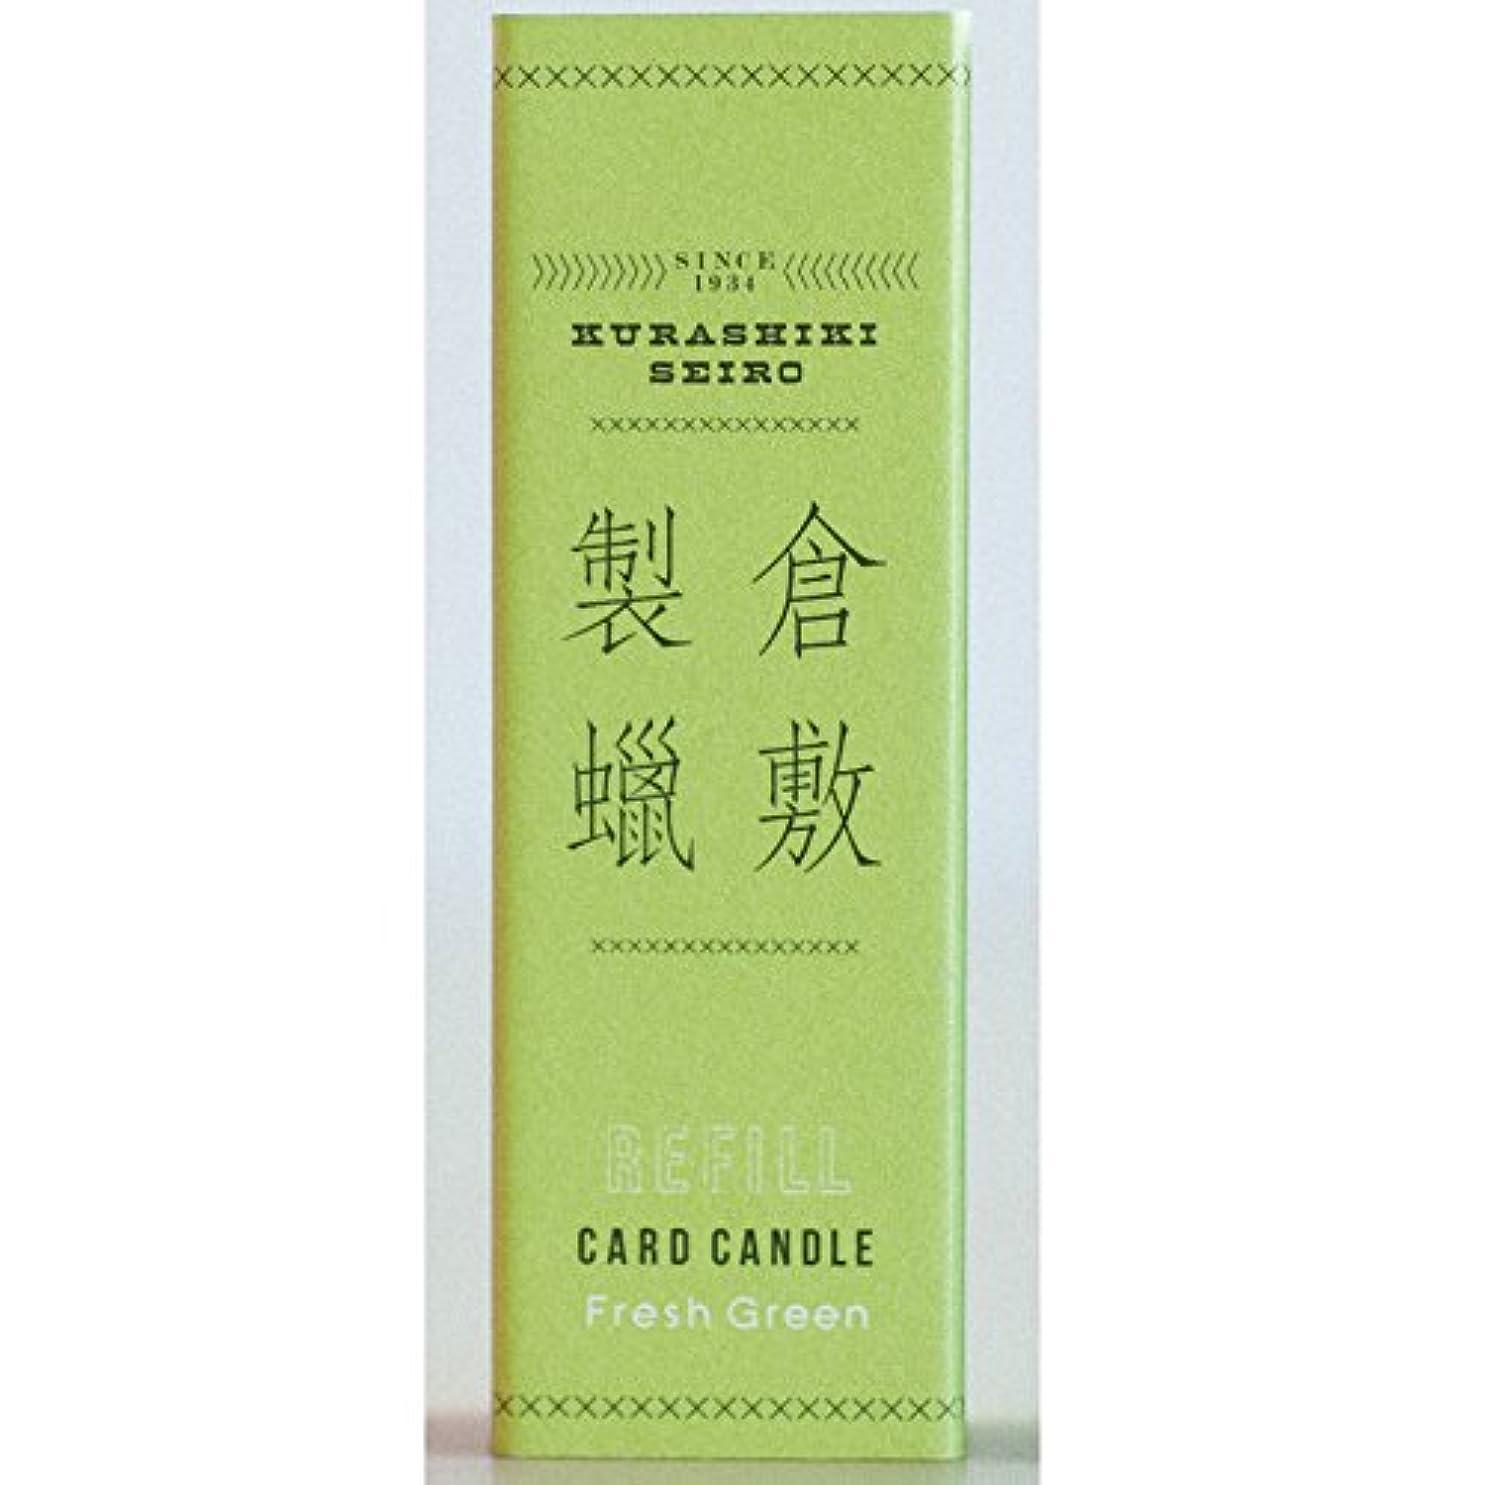 慢な地球署名倉敷製蝋 CARD CANDLE REFILL (Fresh Green)